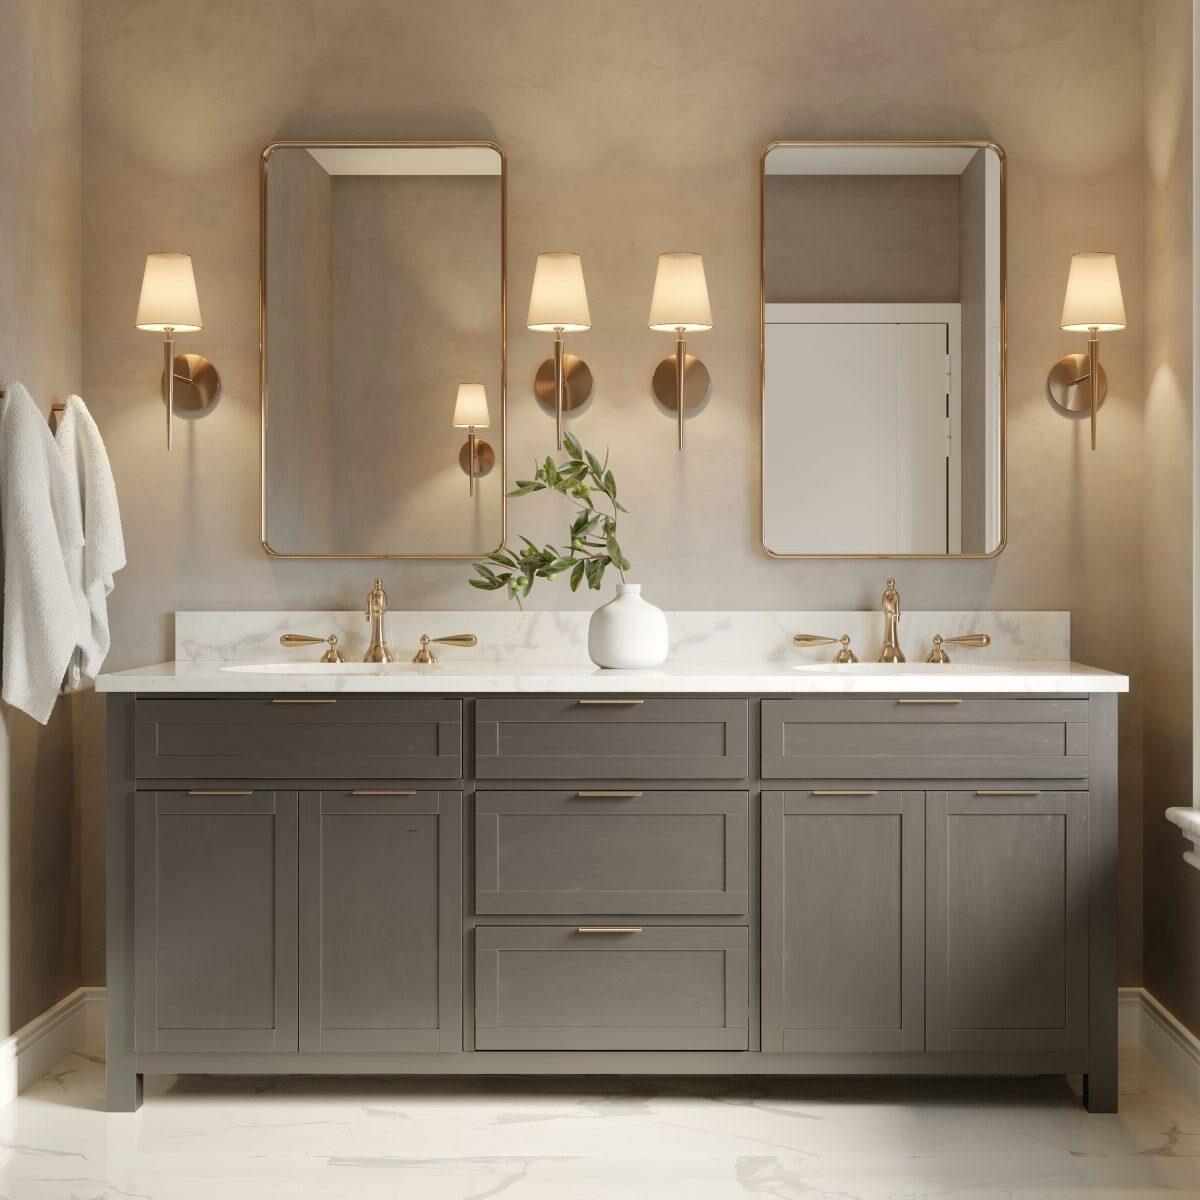 Bathroom Grey Vanity Dual Sinks Square, Paneling Factory Of Virginia